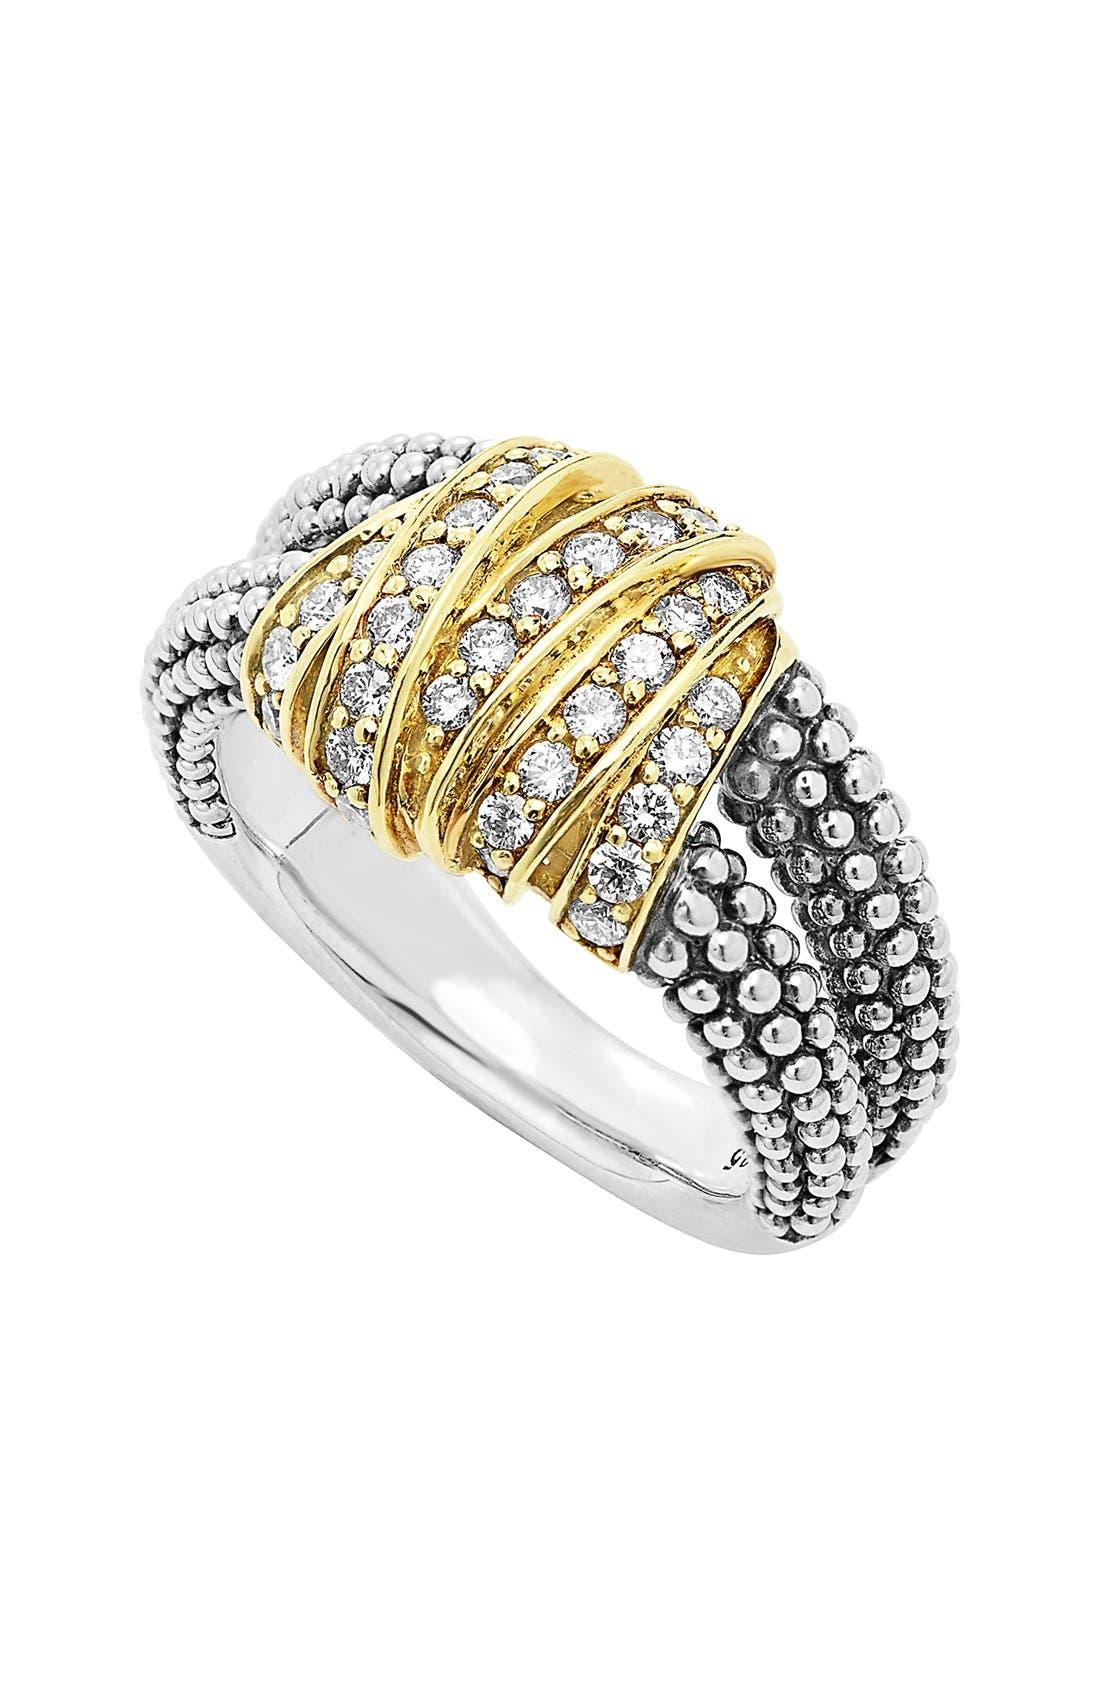 Main Image - LAGOS 'Diamonds & Caviar' Medium Diamond Ring